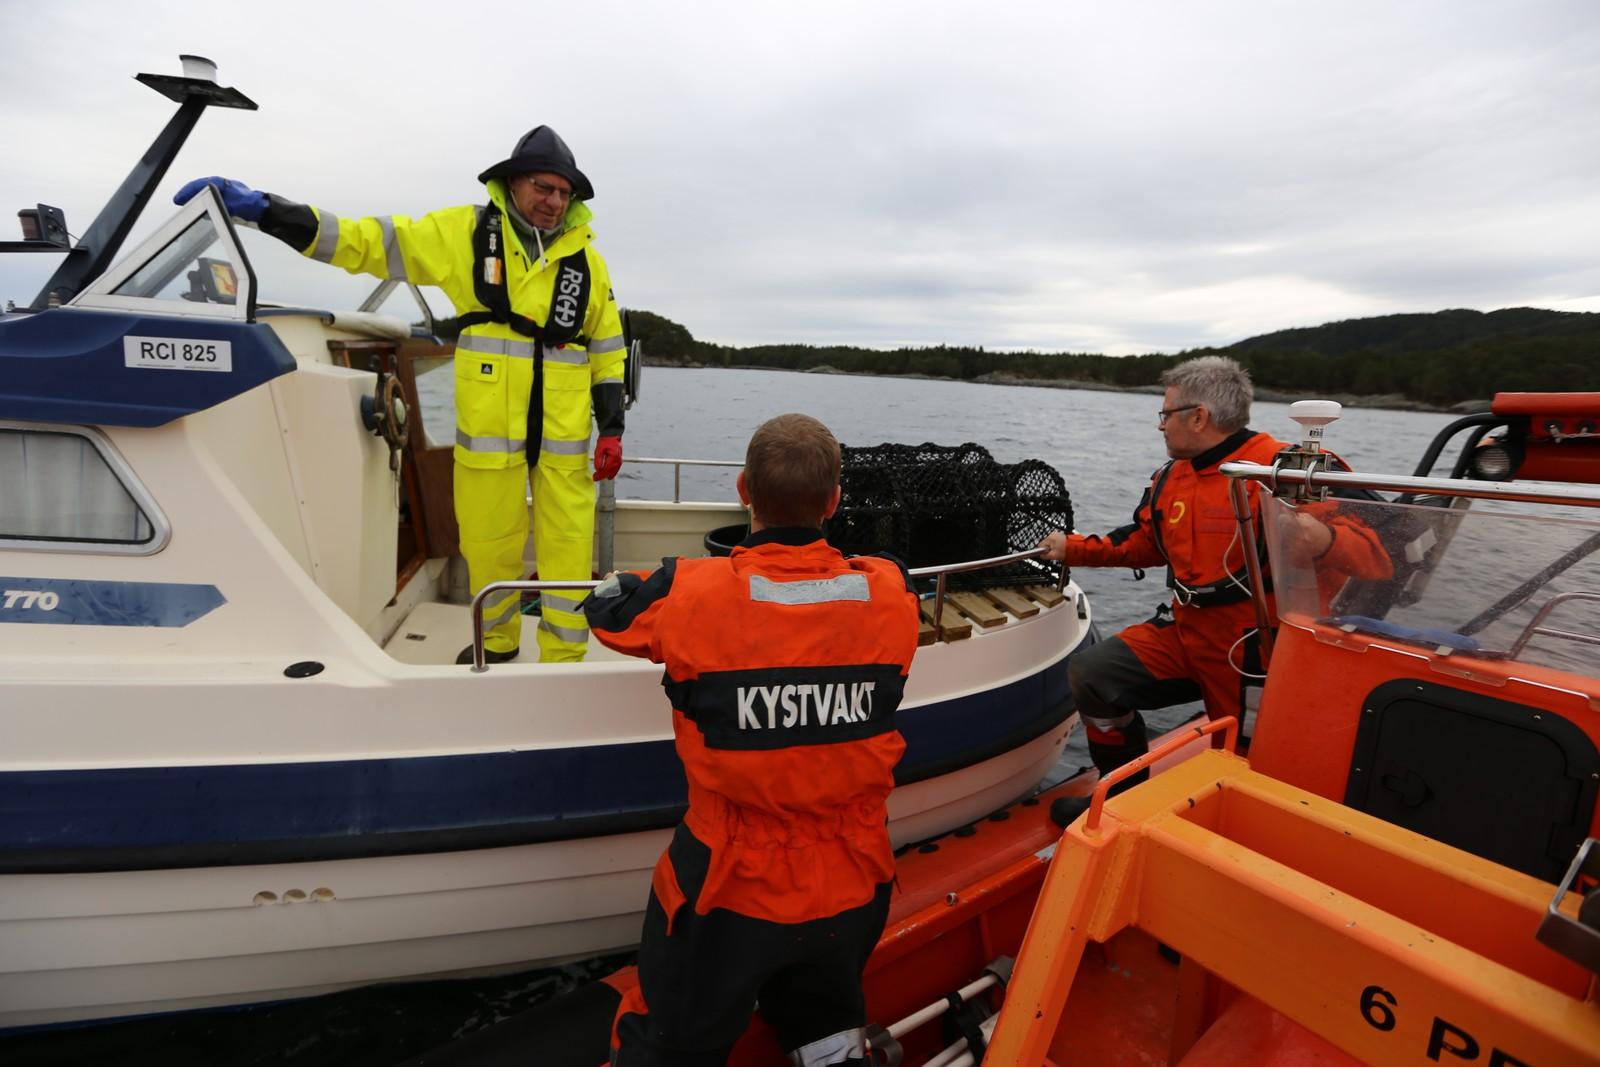 INSPEKSJON: Pensjonist og hobbyfisker Gunnar Bruarøy (til v.) fra Lepsøy er glad for at kystvakten foretar rutinekontroller i hummersesongen.